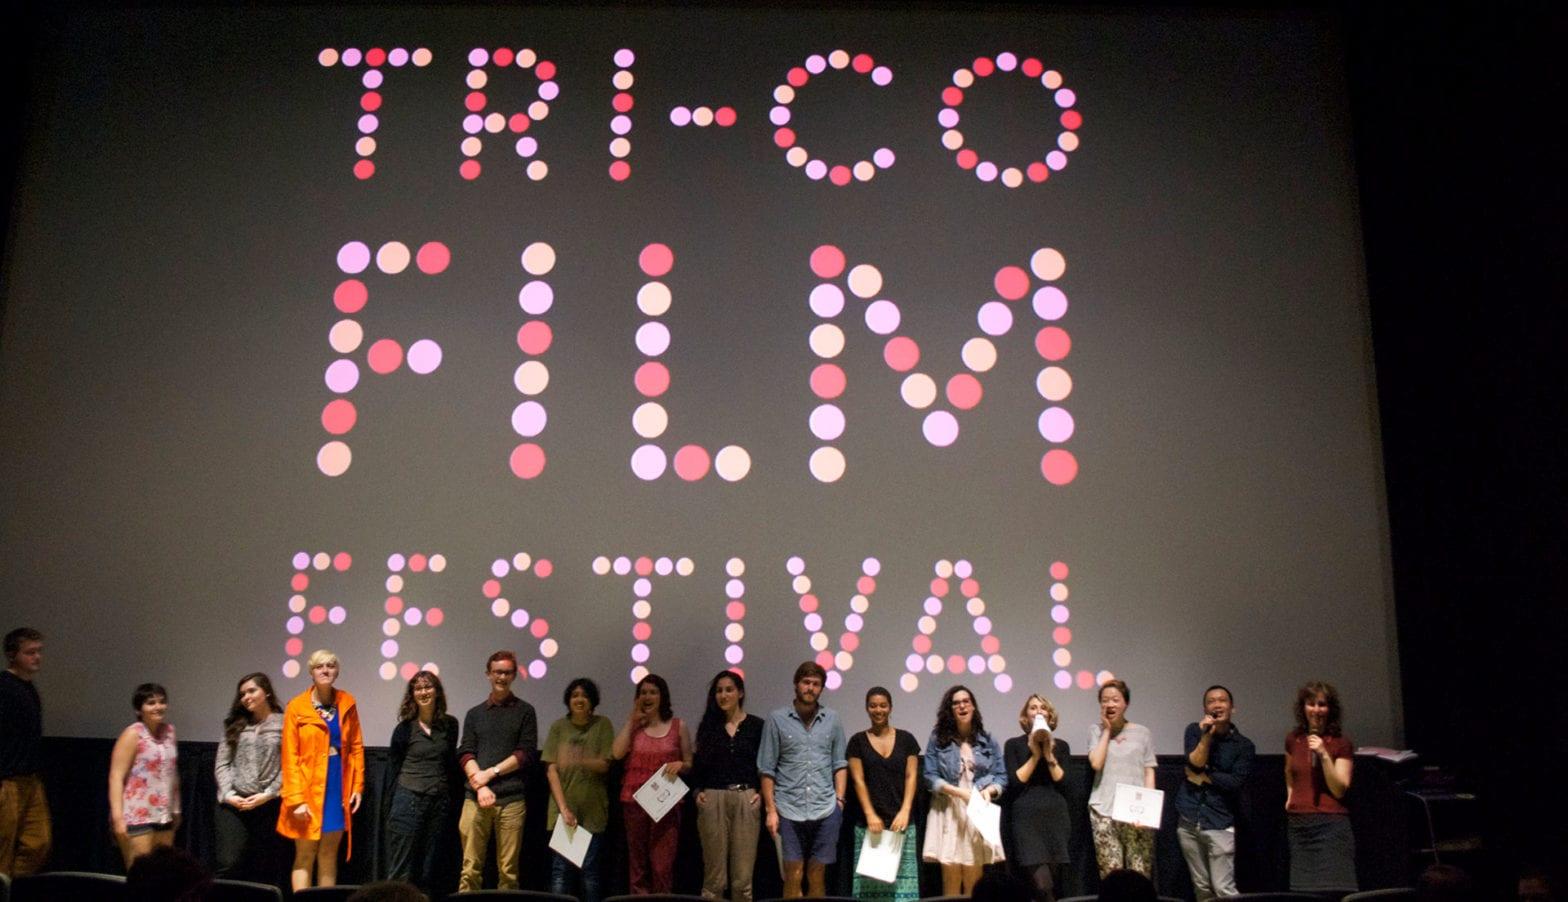 2014 Film Festival Filmmakers